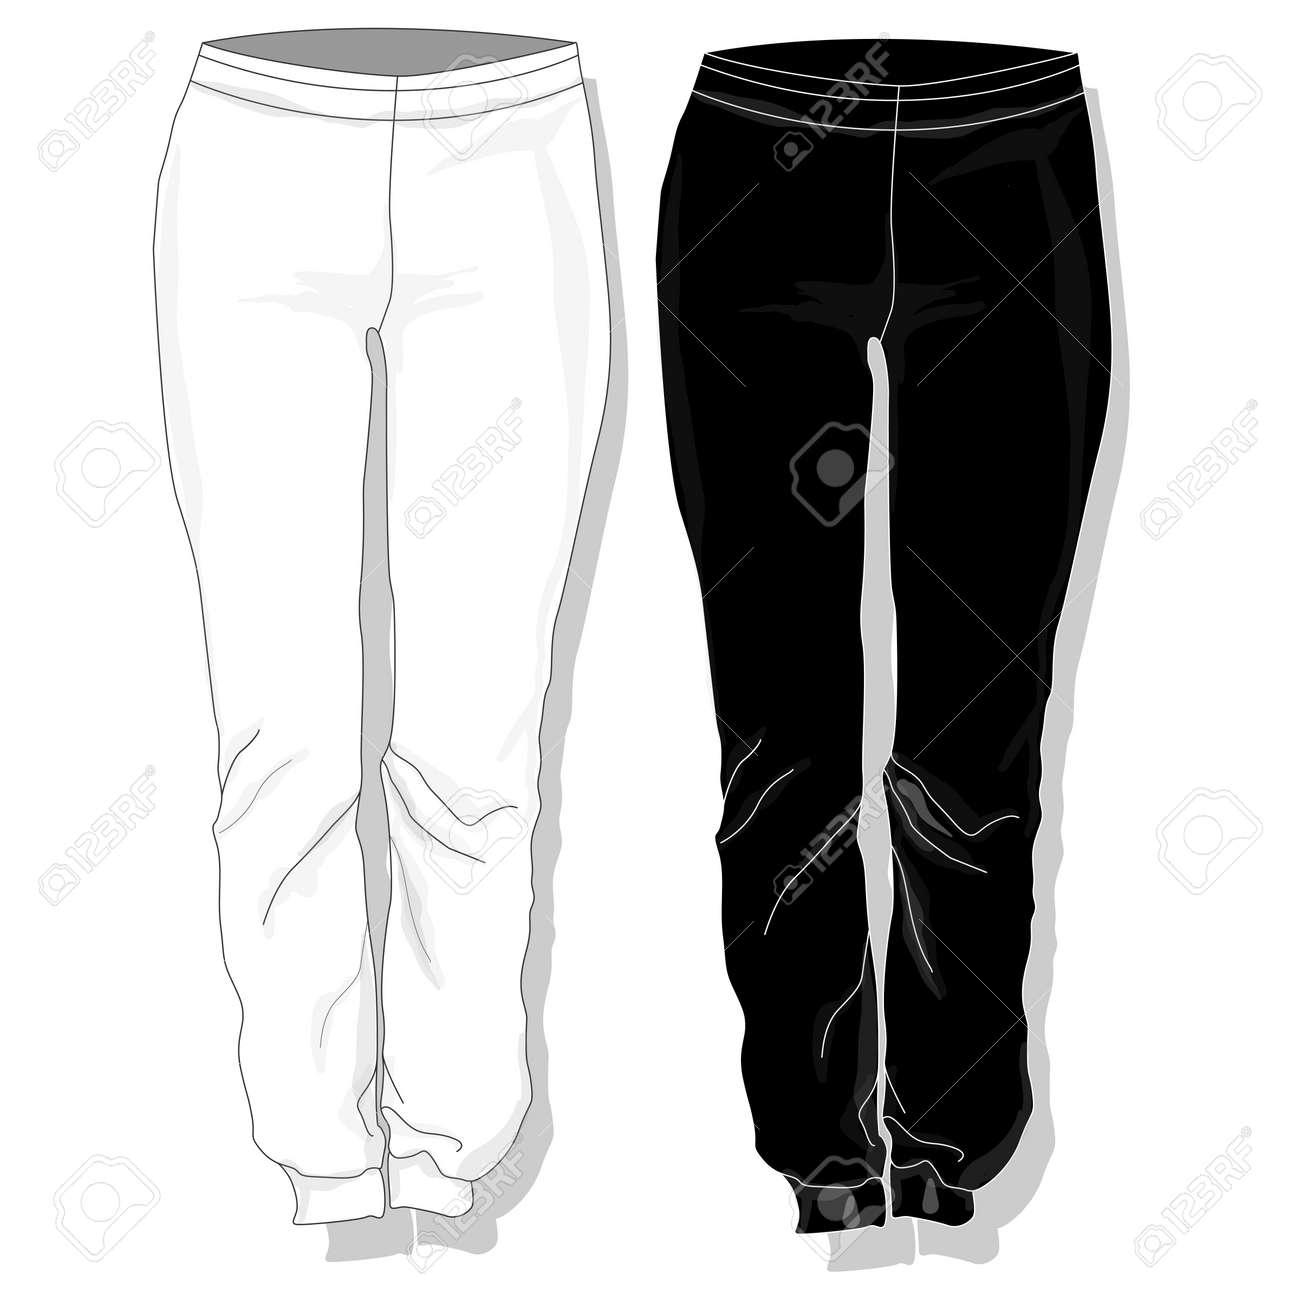 Pantalones Ropa De Mujer Aislado Ilustracion Vectorial Ilustraciones Vectoriales Clip Art Vectorizado Libre De Derechos Image 64359249